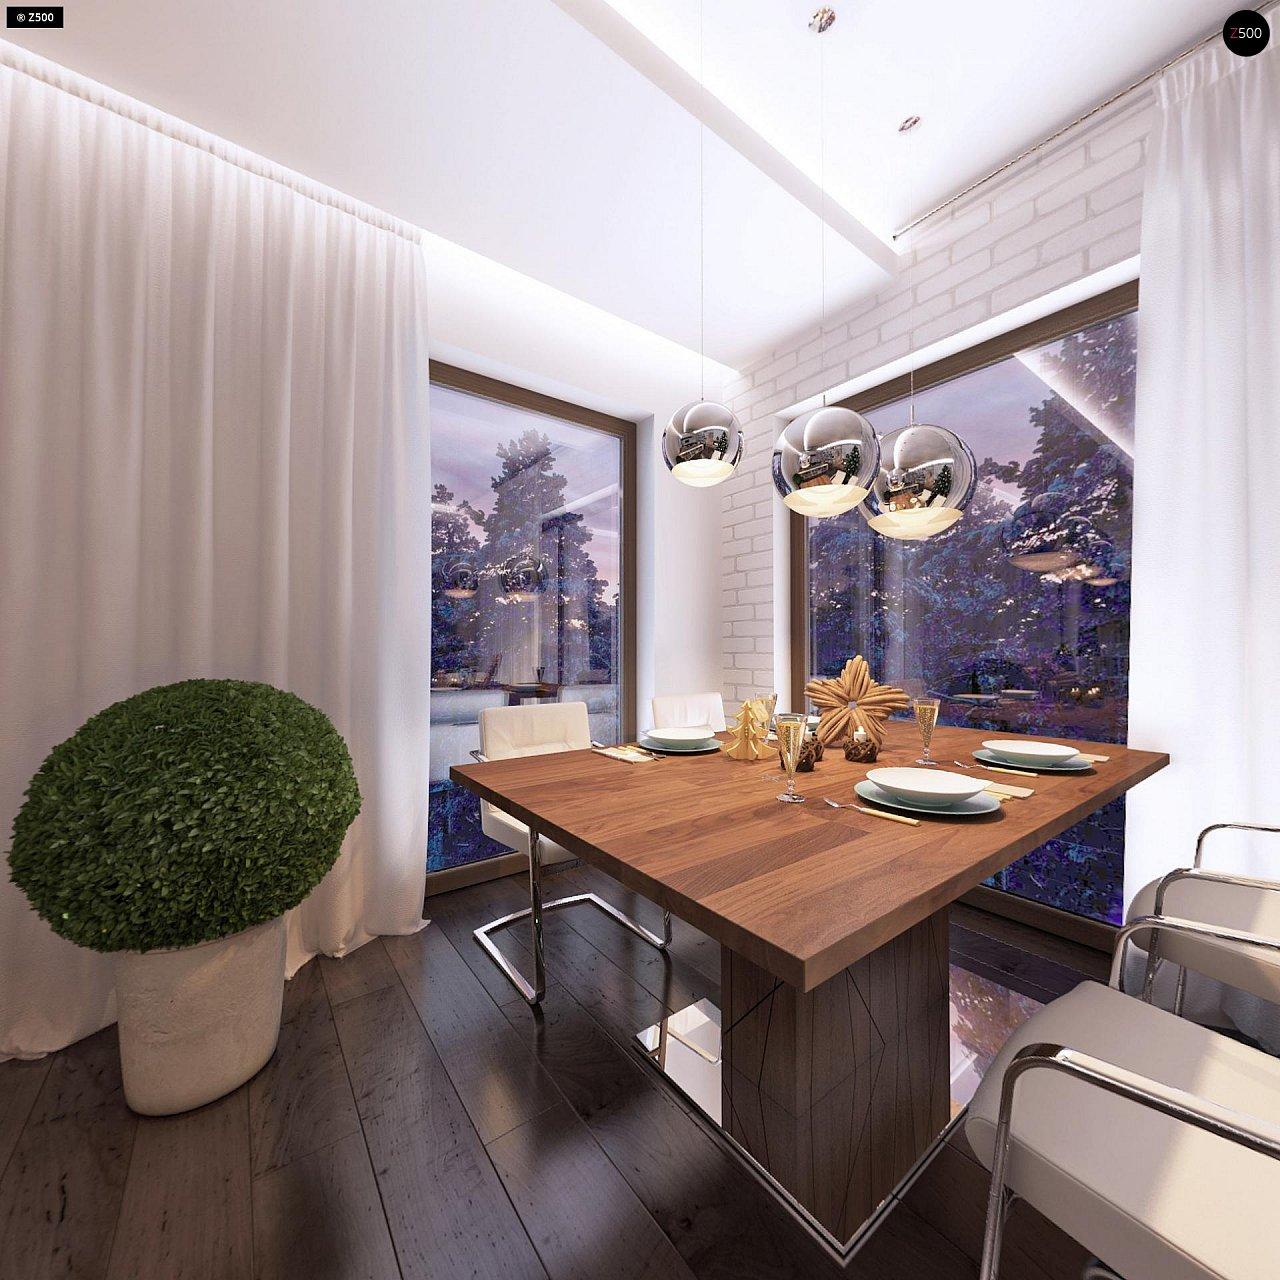 Дом характерного современного дизайна с гаражом и кабинетом на первом этаже. - фото 27